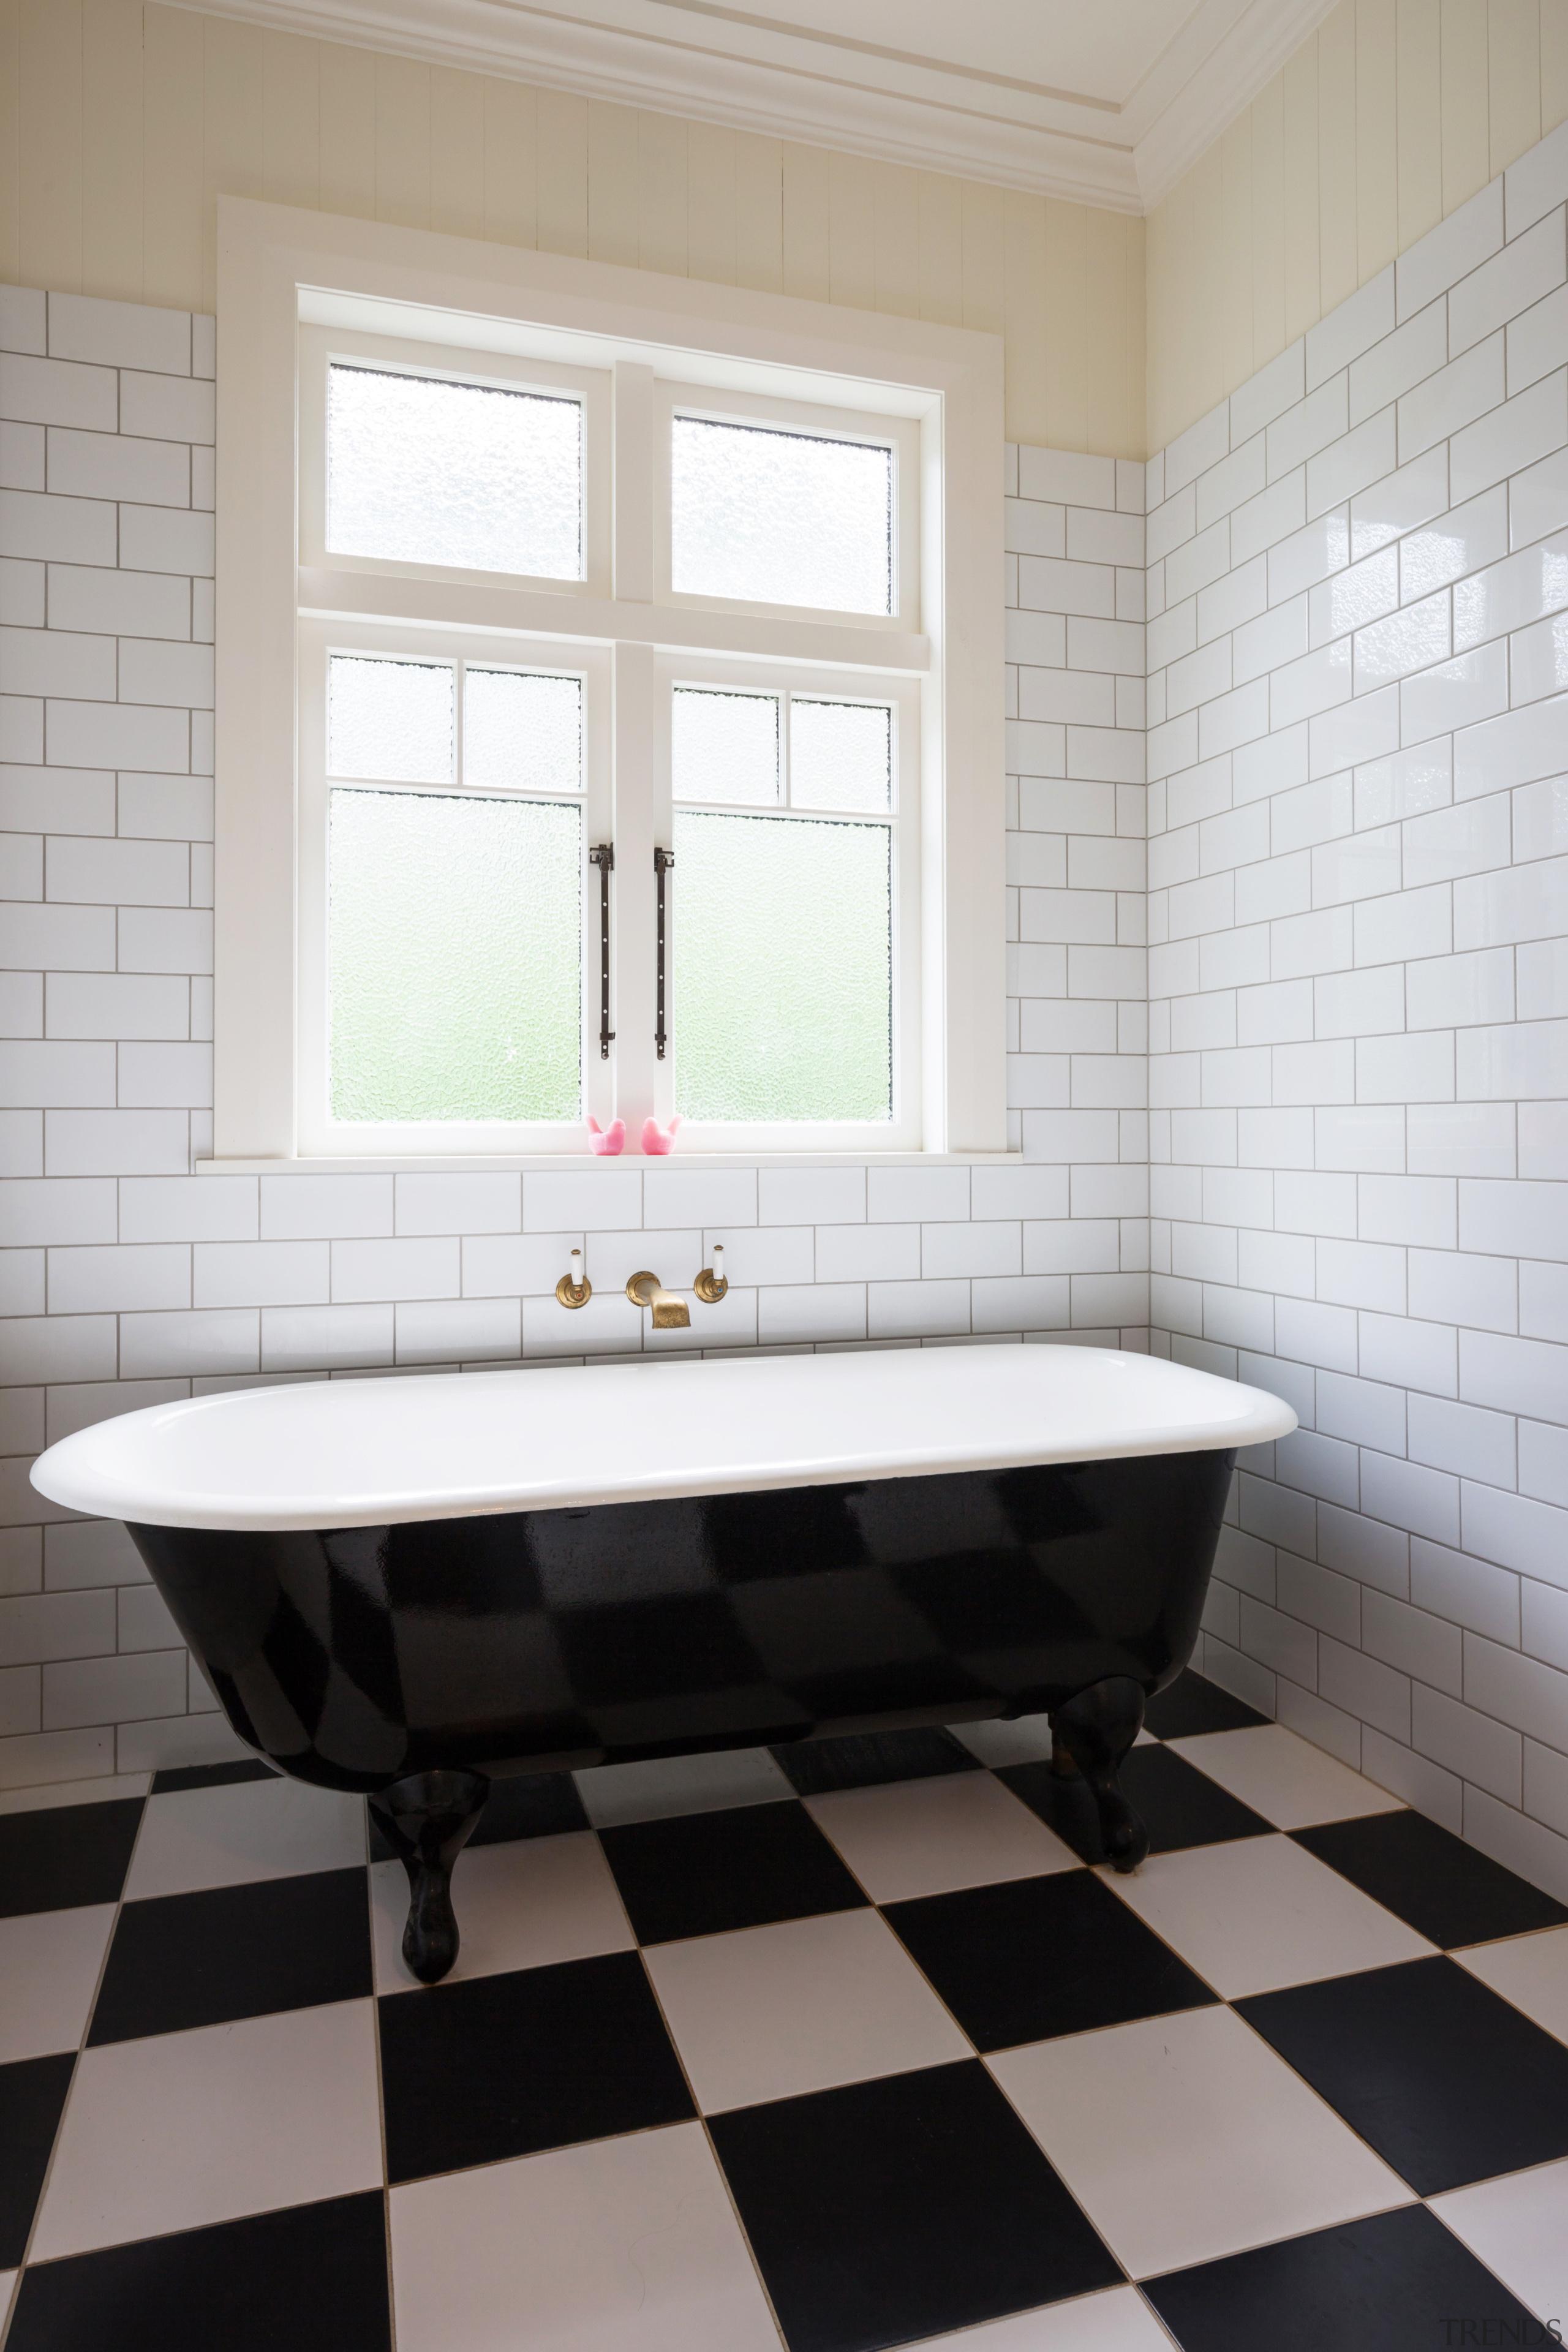 Ensuite 2 - bathroom | floor | flooring bathroom, floor, flooring, home, interior design, plumbing fixture, room, sink, tile, wall, window, gray, white